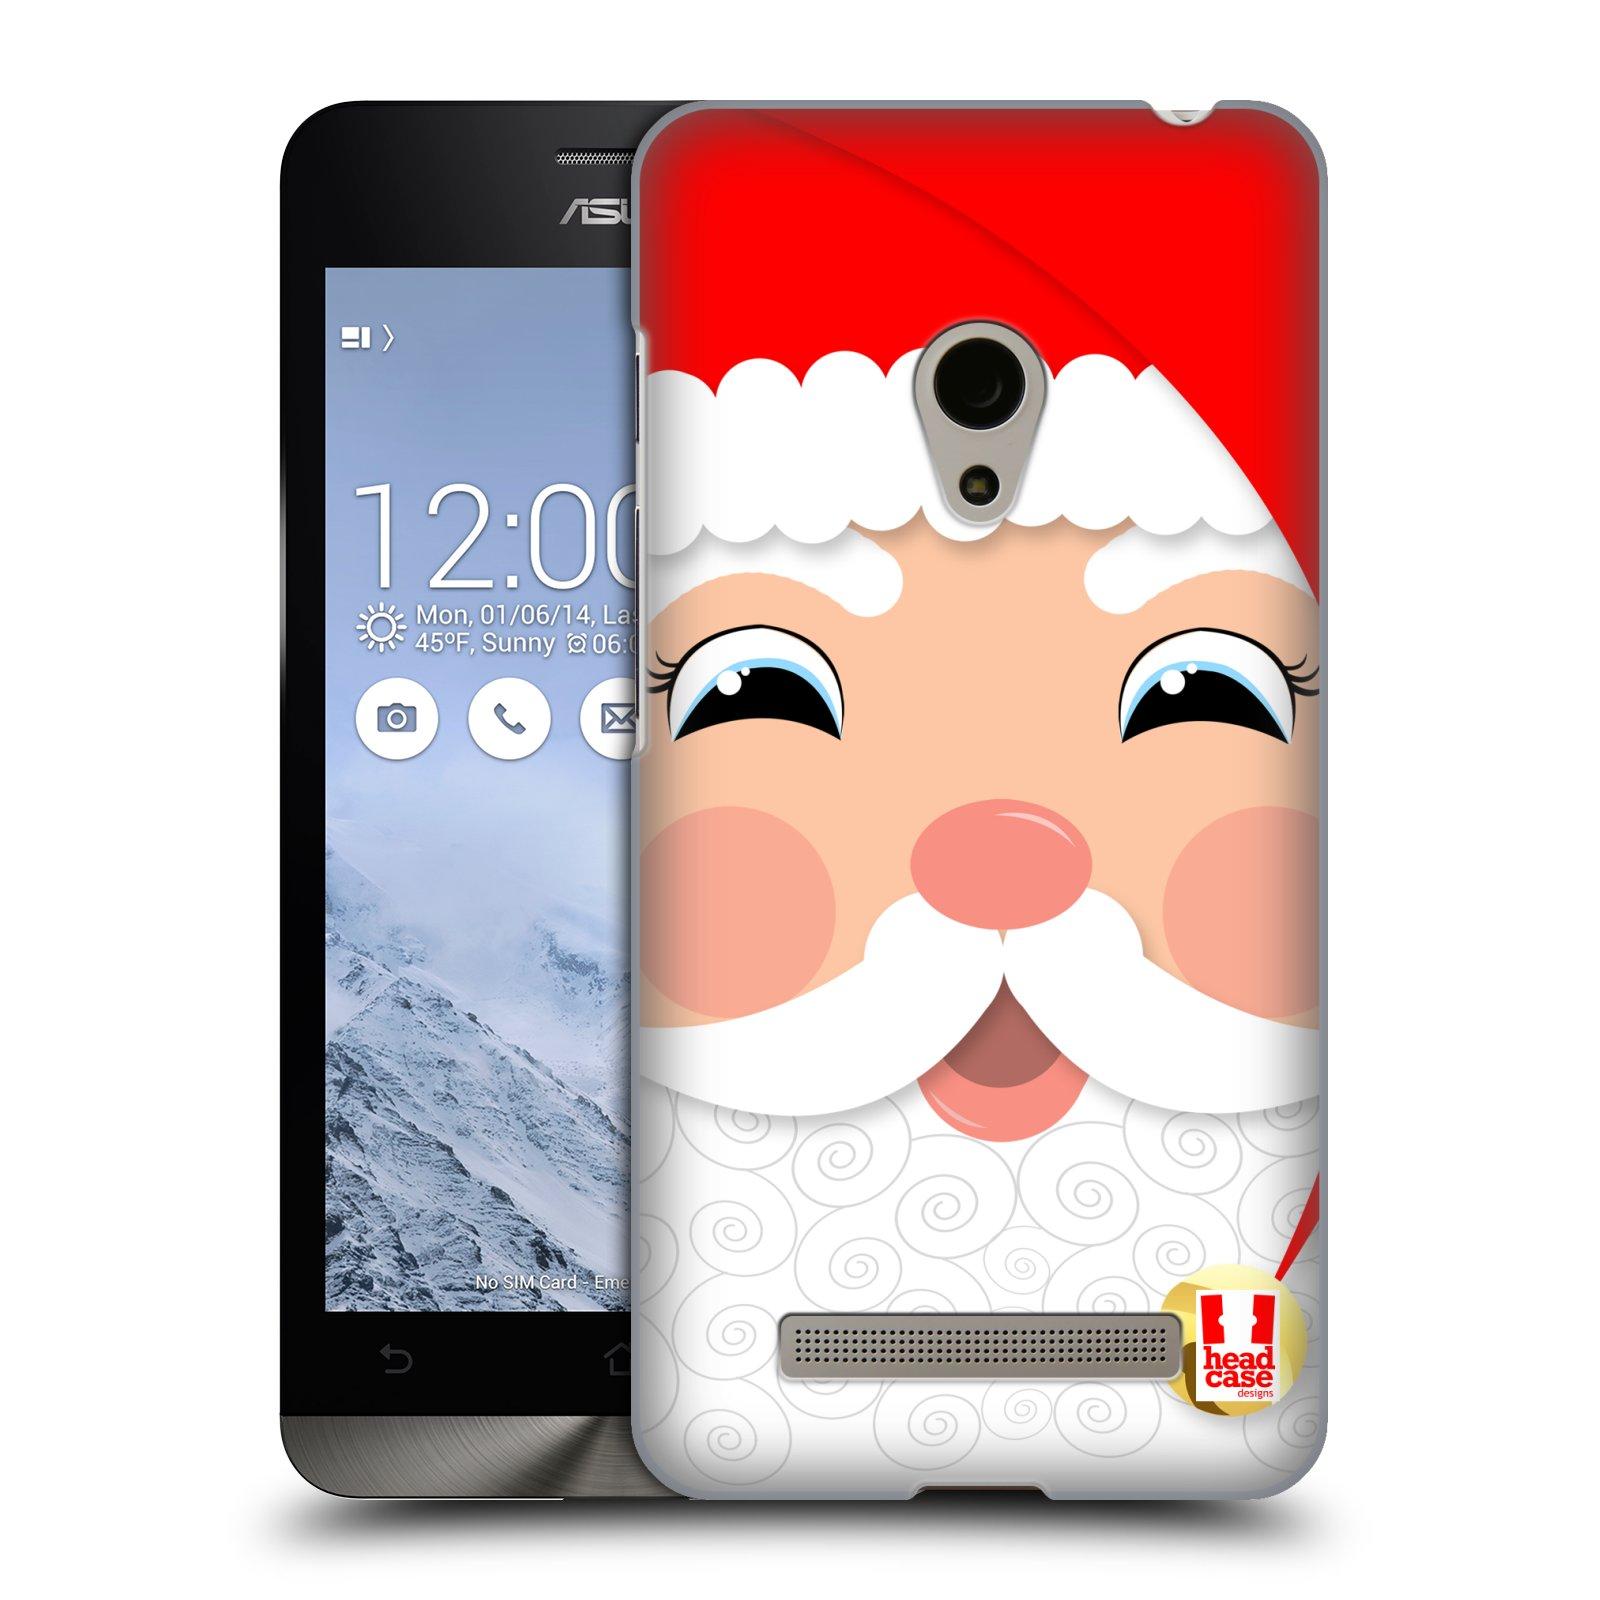 HEAD CASE plastový obal na mobil Asus Zenfone 5 vzor Vánoční tváře kreslené SANTA CLAUS